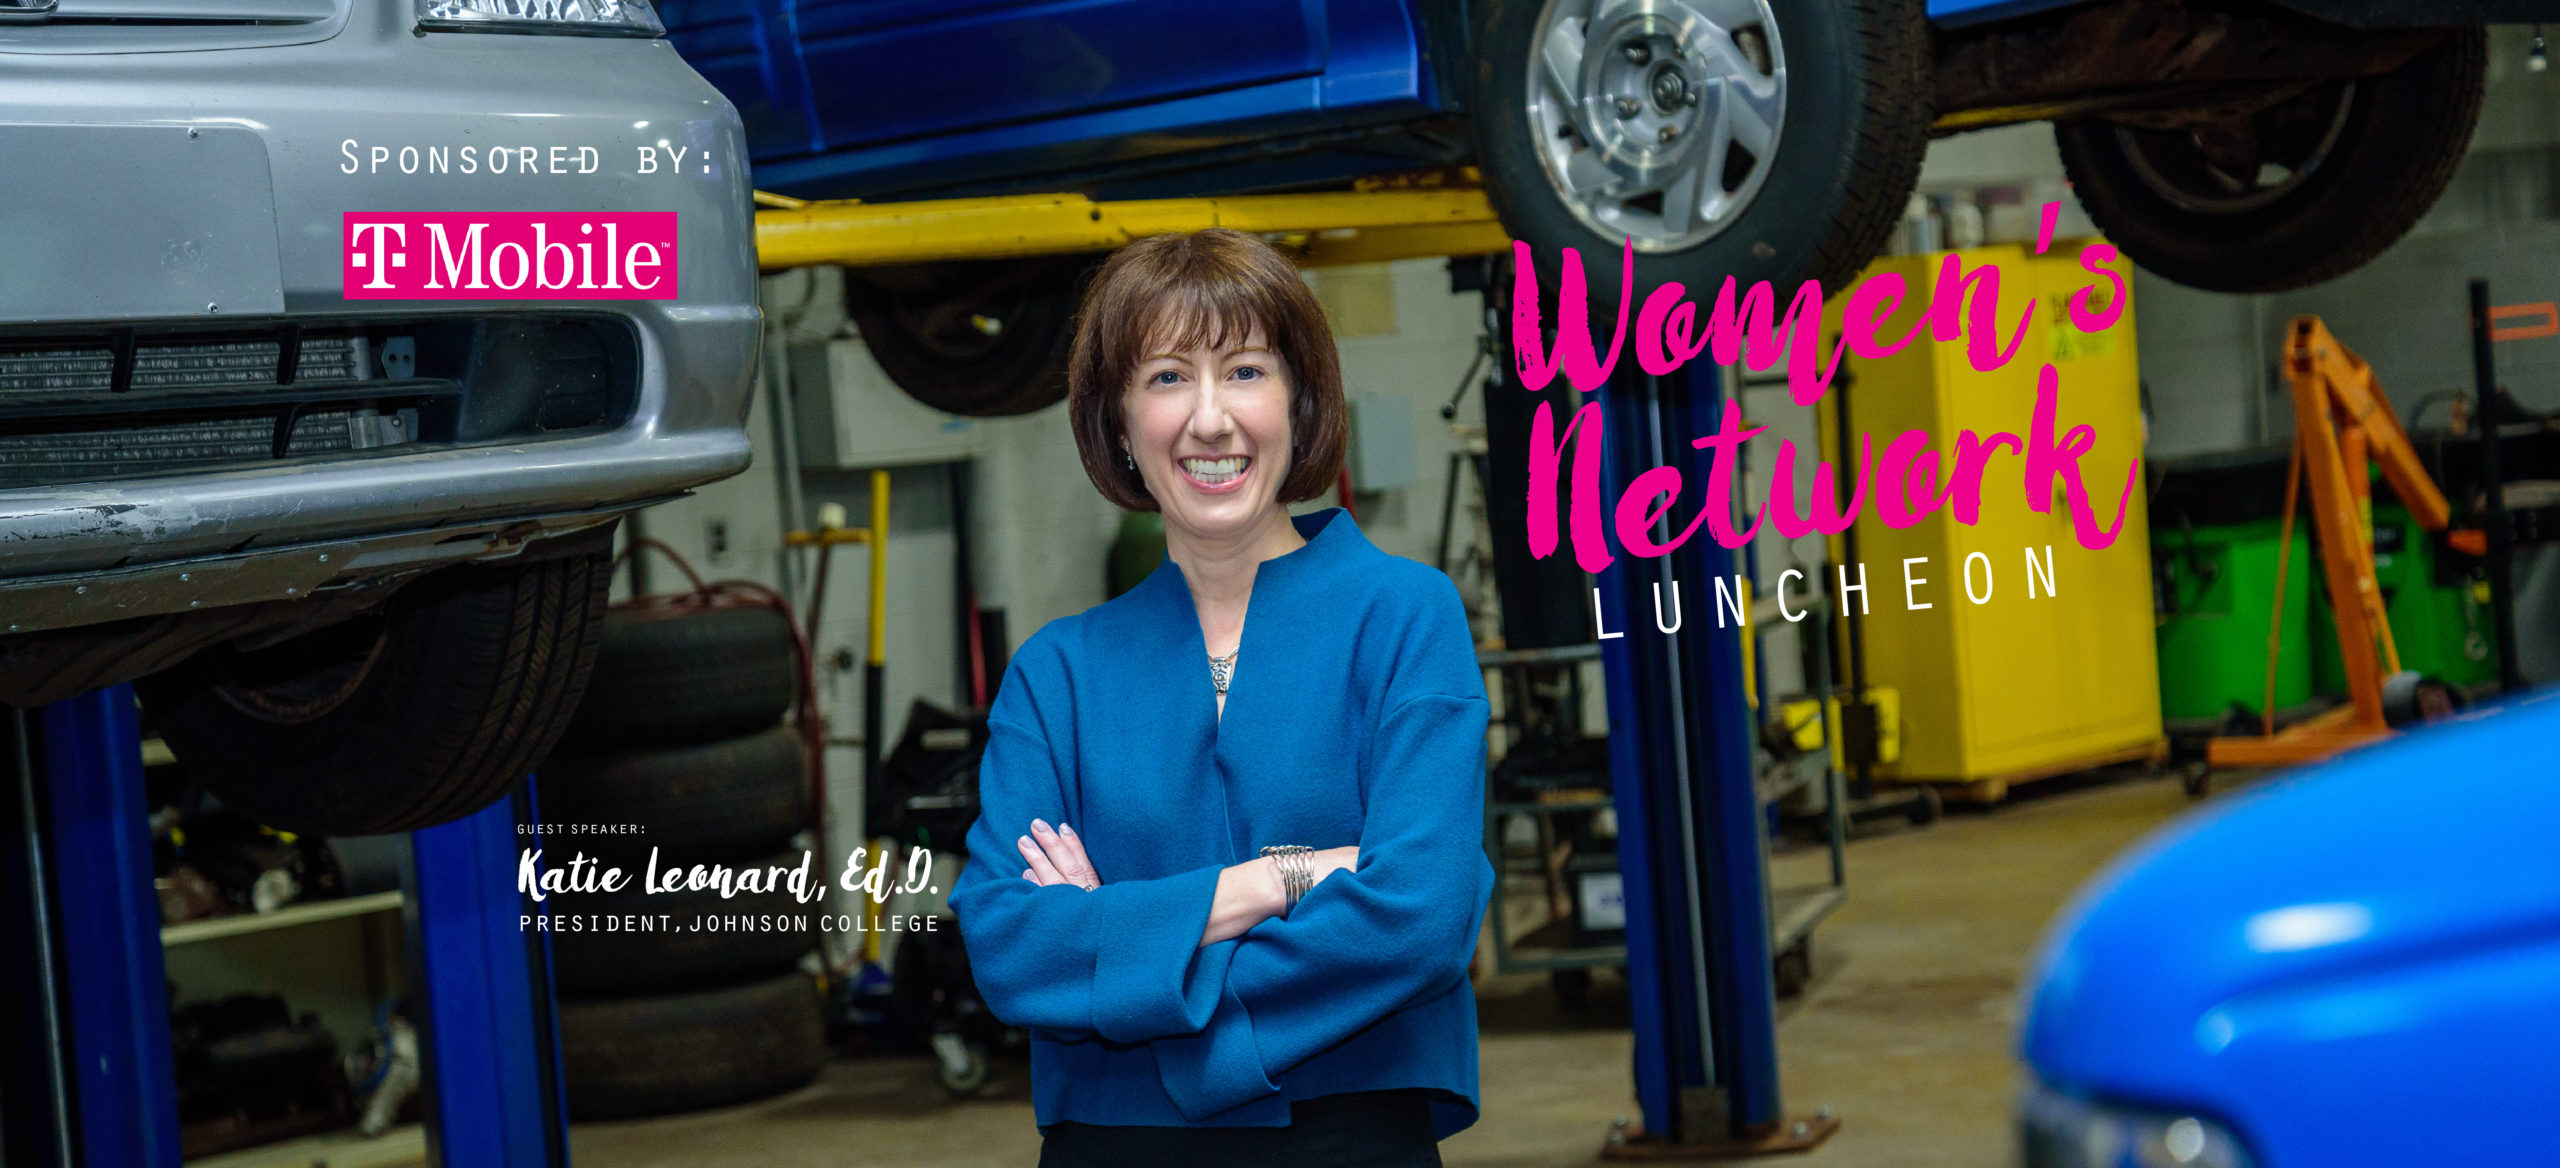 Women's Network Luncheon with Katie Leonard, Ed.D.